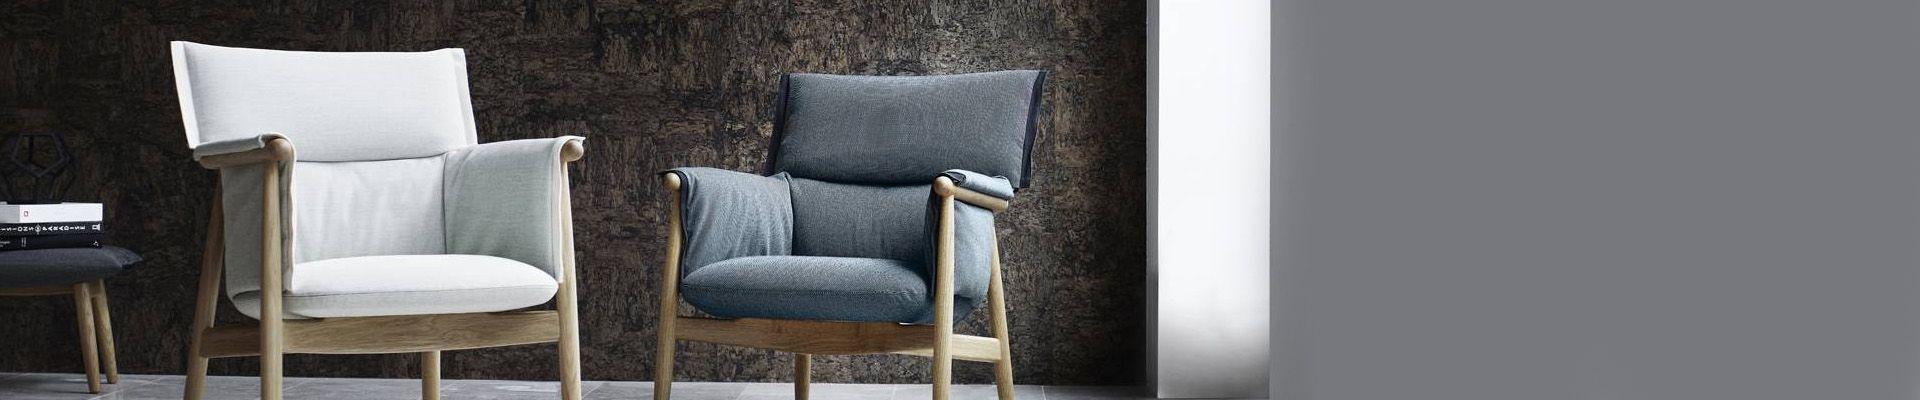 Carl Hansen fauteuils